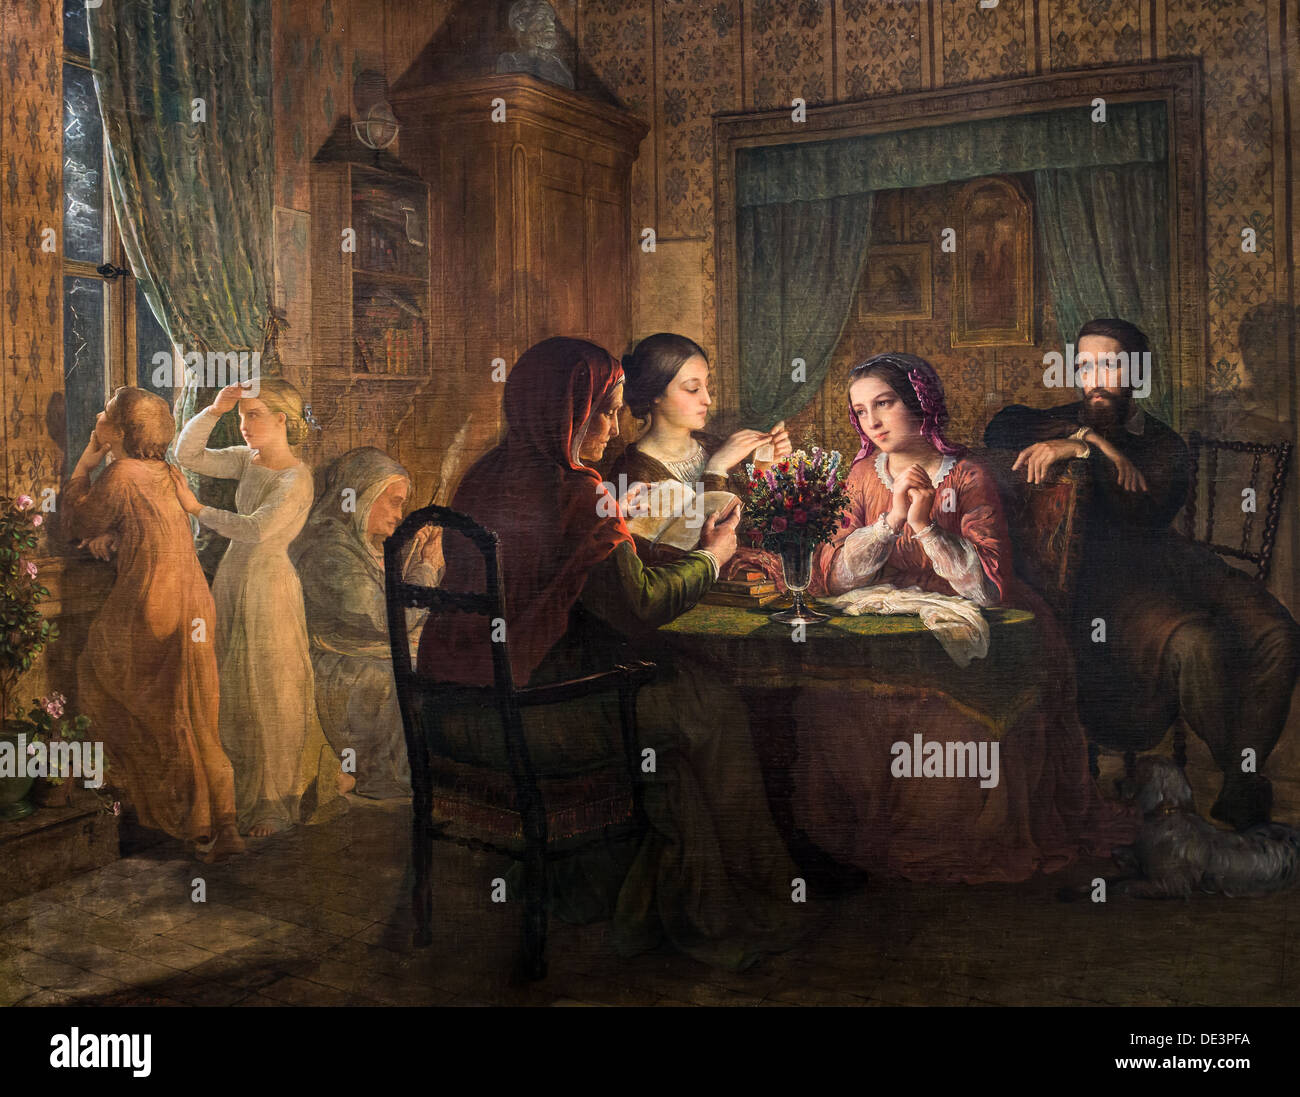 El siglo XIX - el poema del alma, Paterna techo, alrededor de 1850 - Louis Janmot óleo sobre lienzo Imagen De Stock